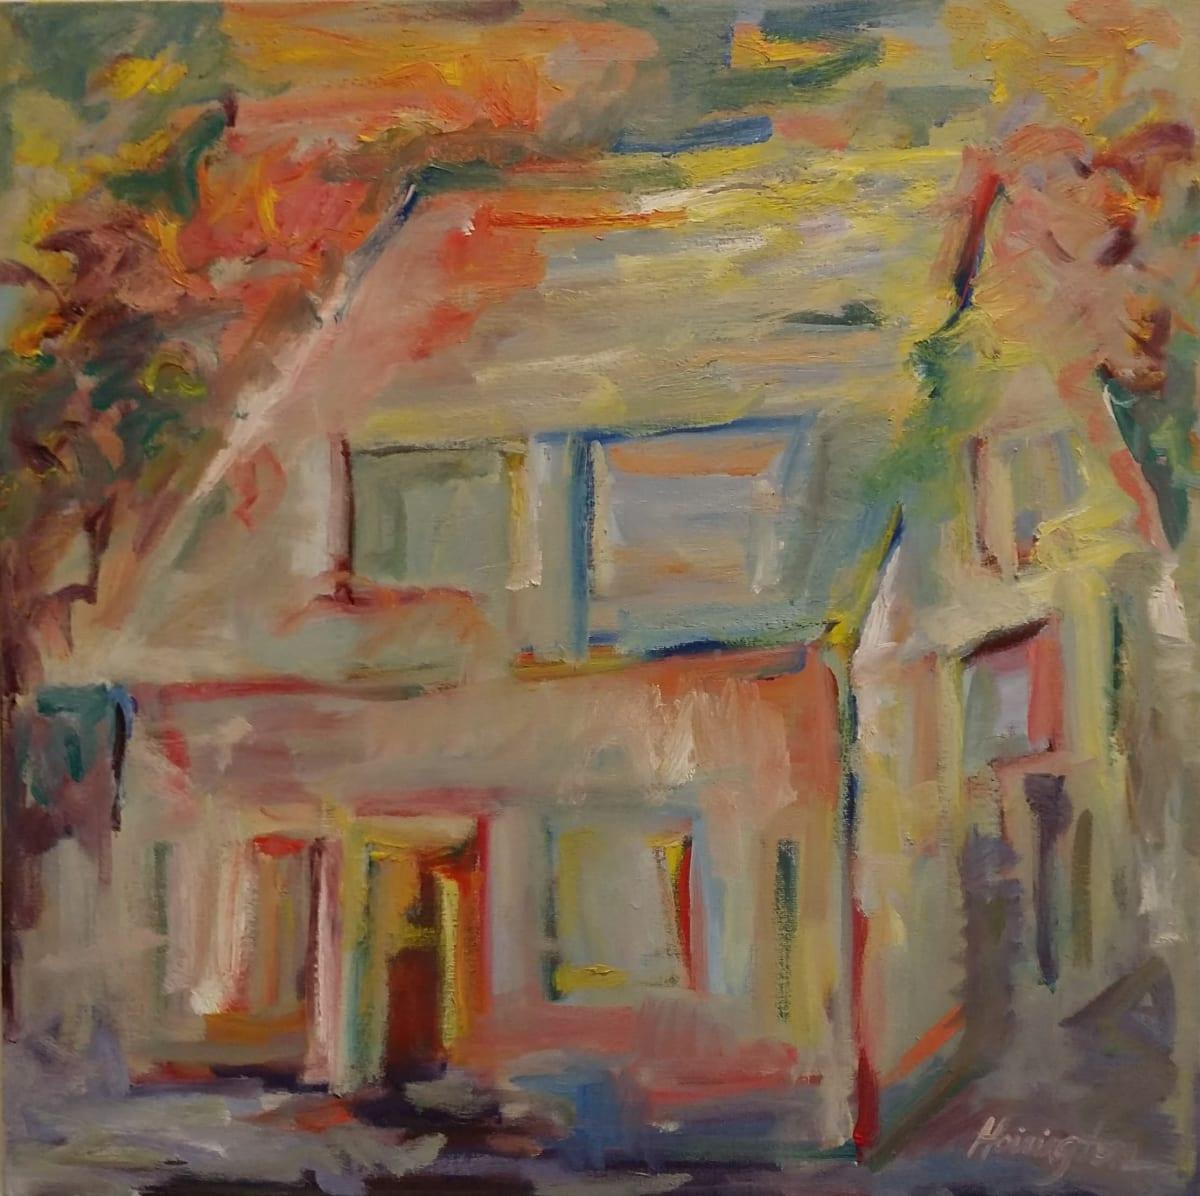 Threshold - based on poem of same title by J. Bolz